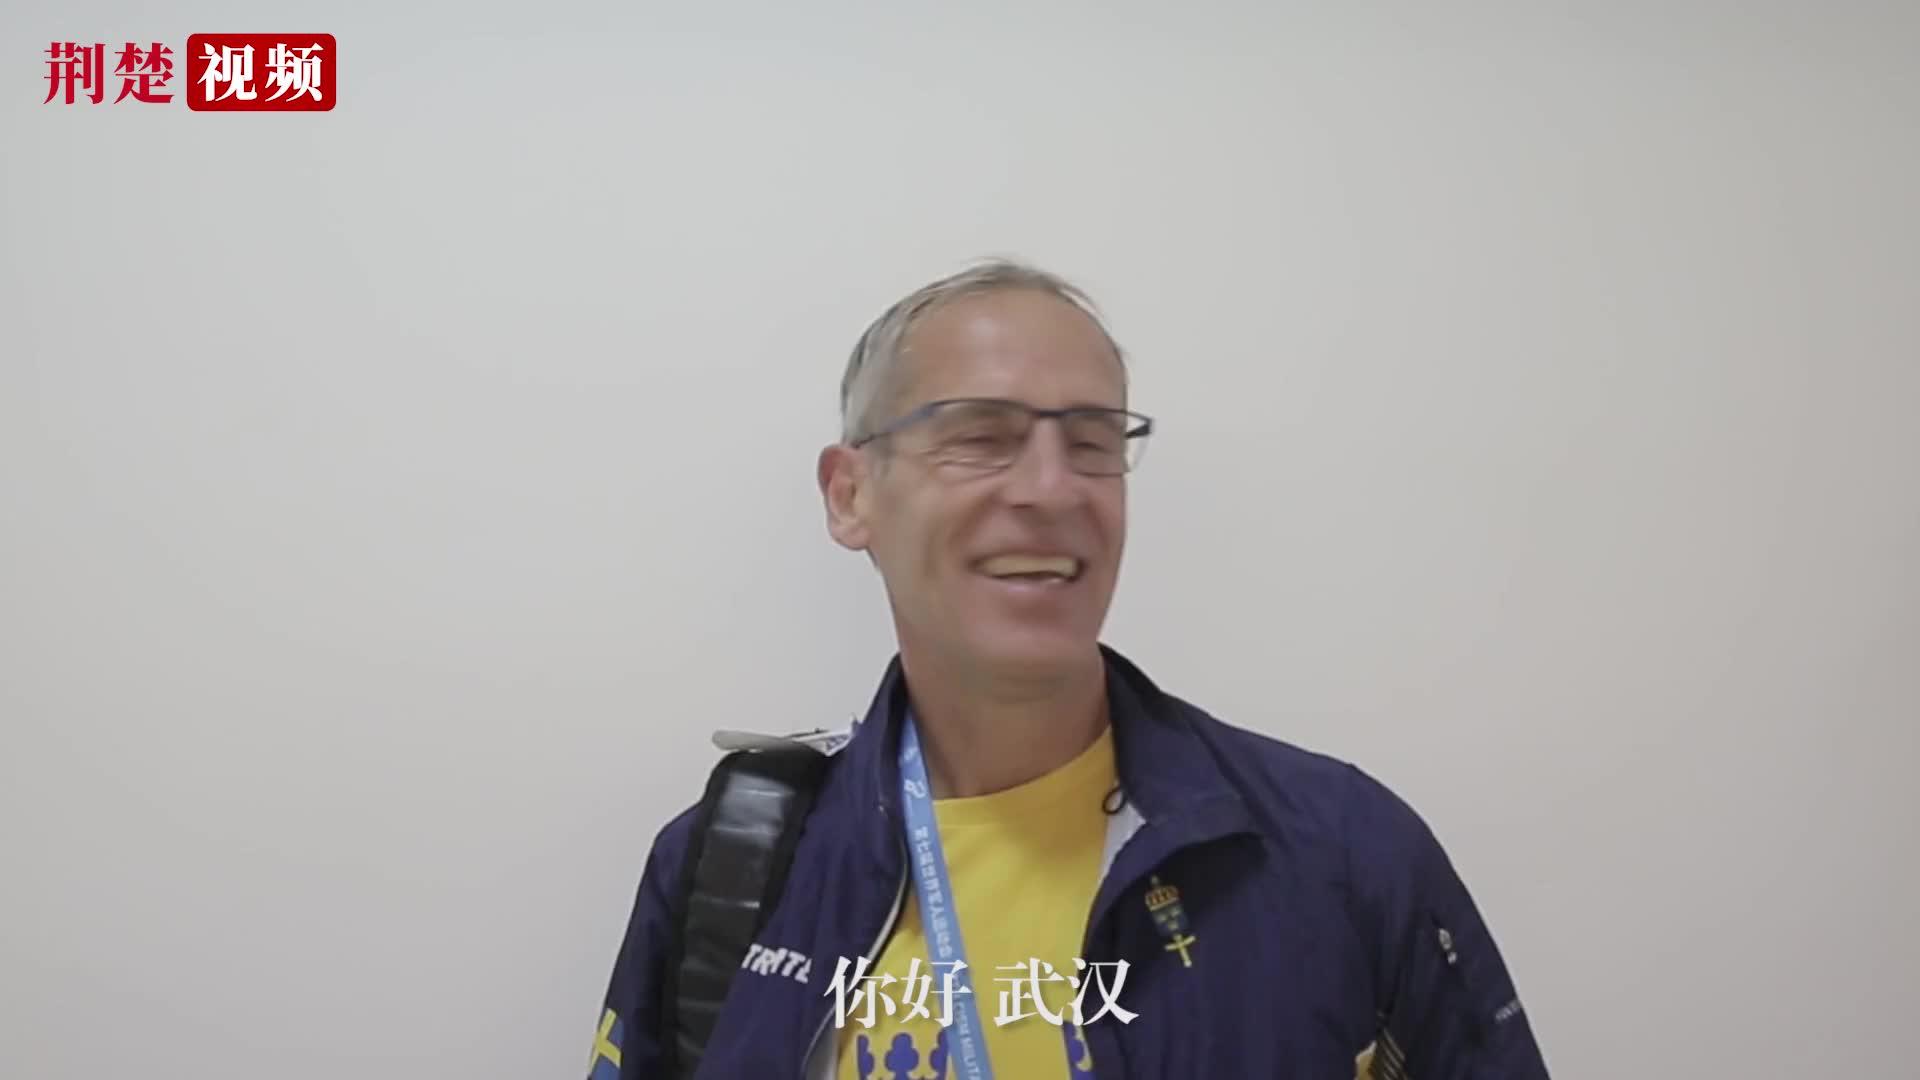 军运会外国参赛人员祝福武汉